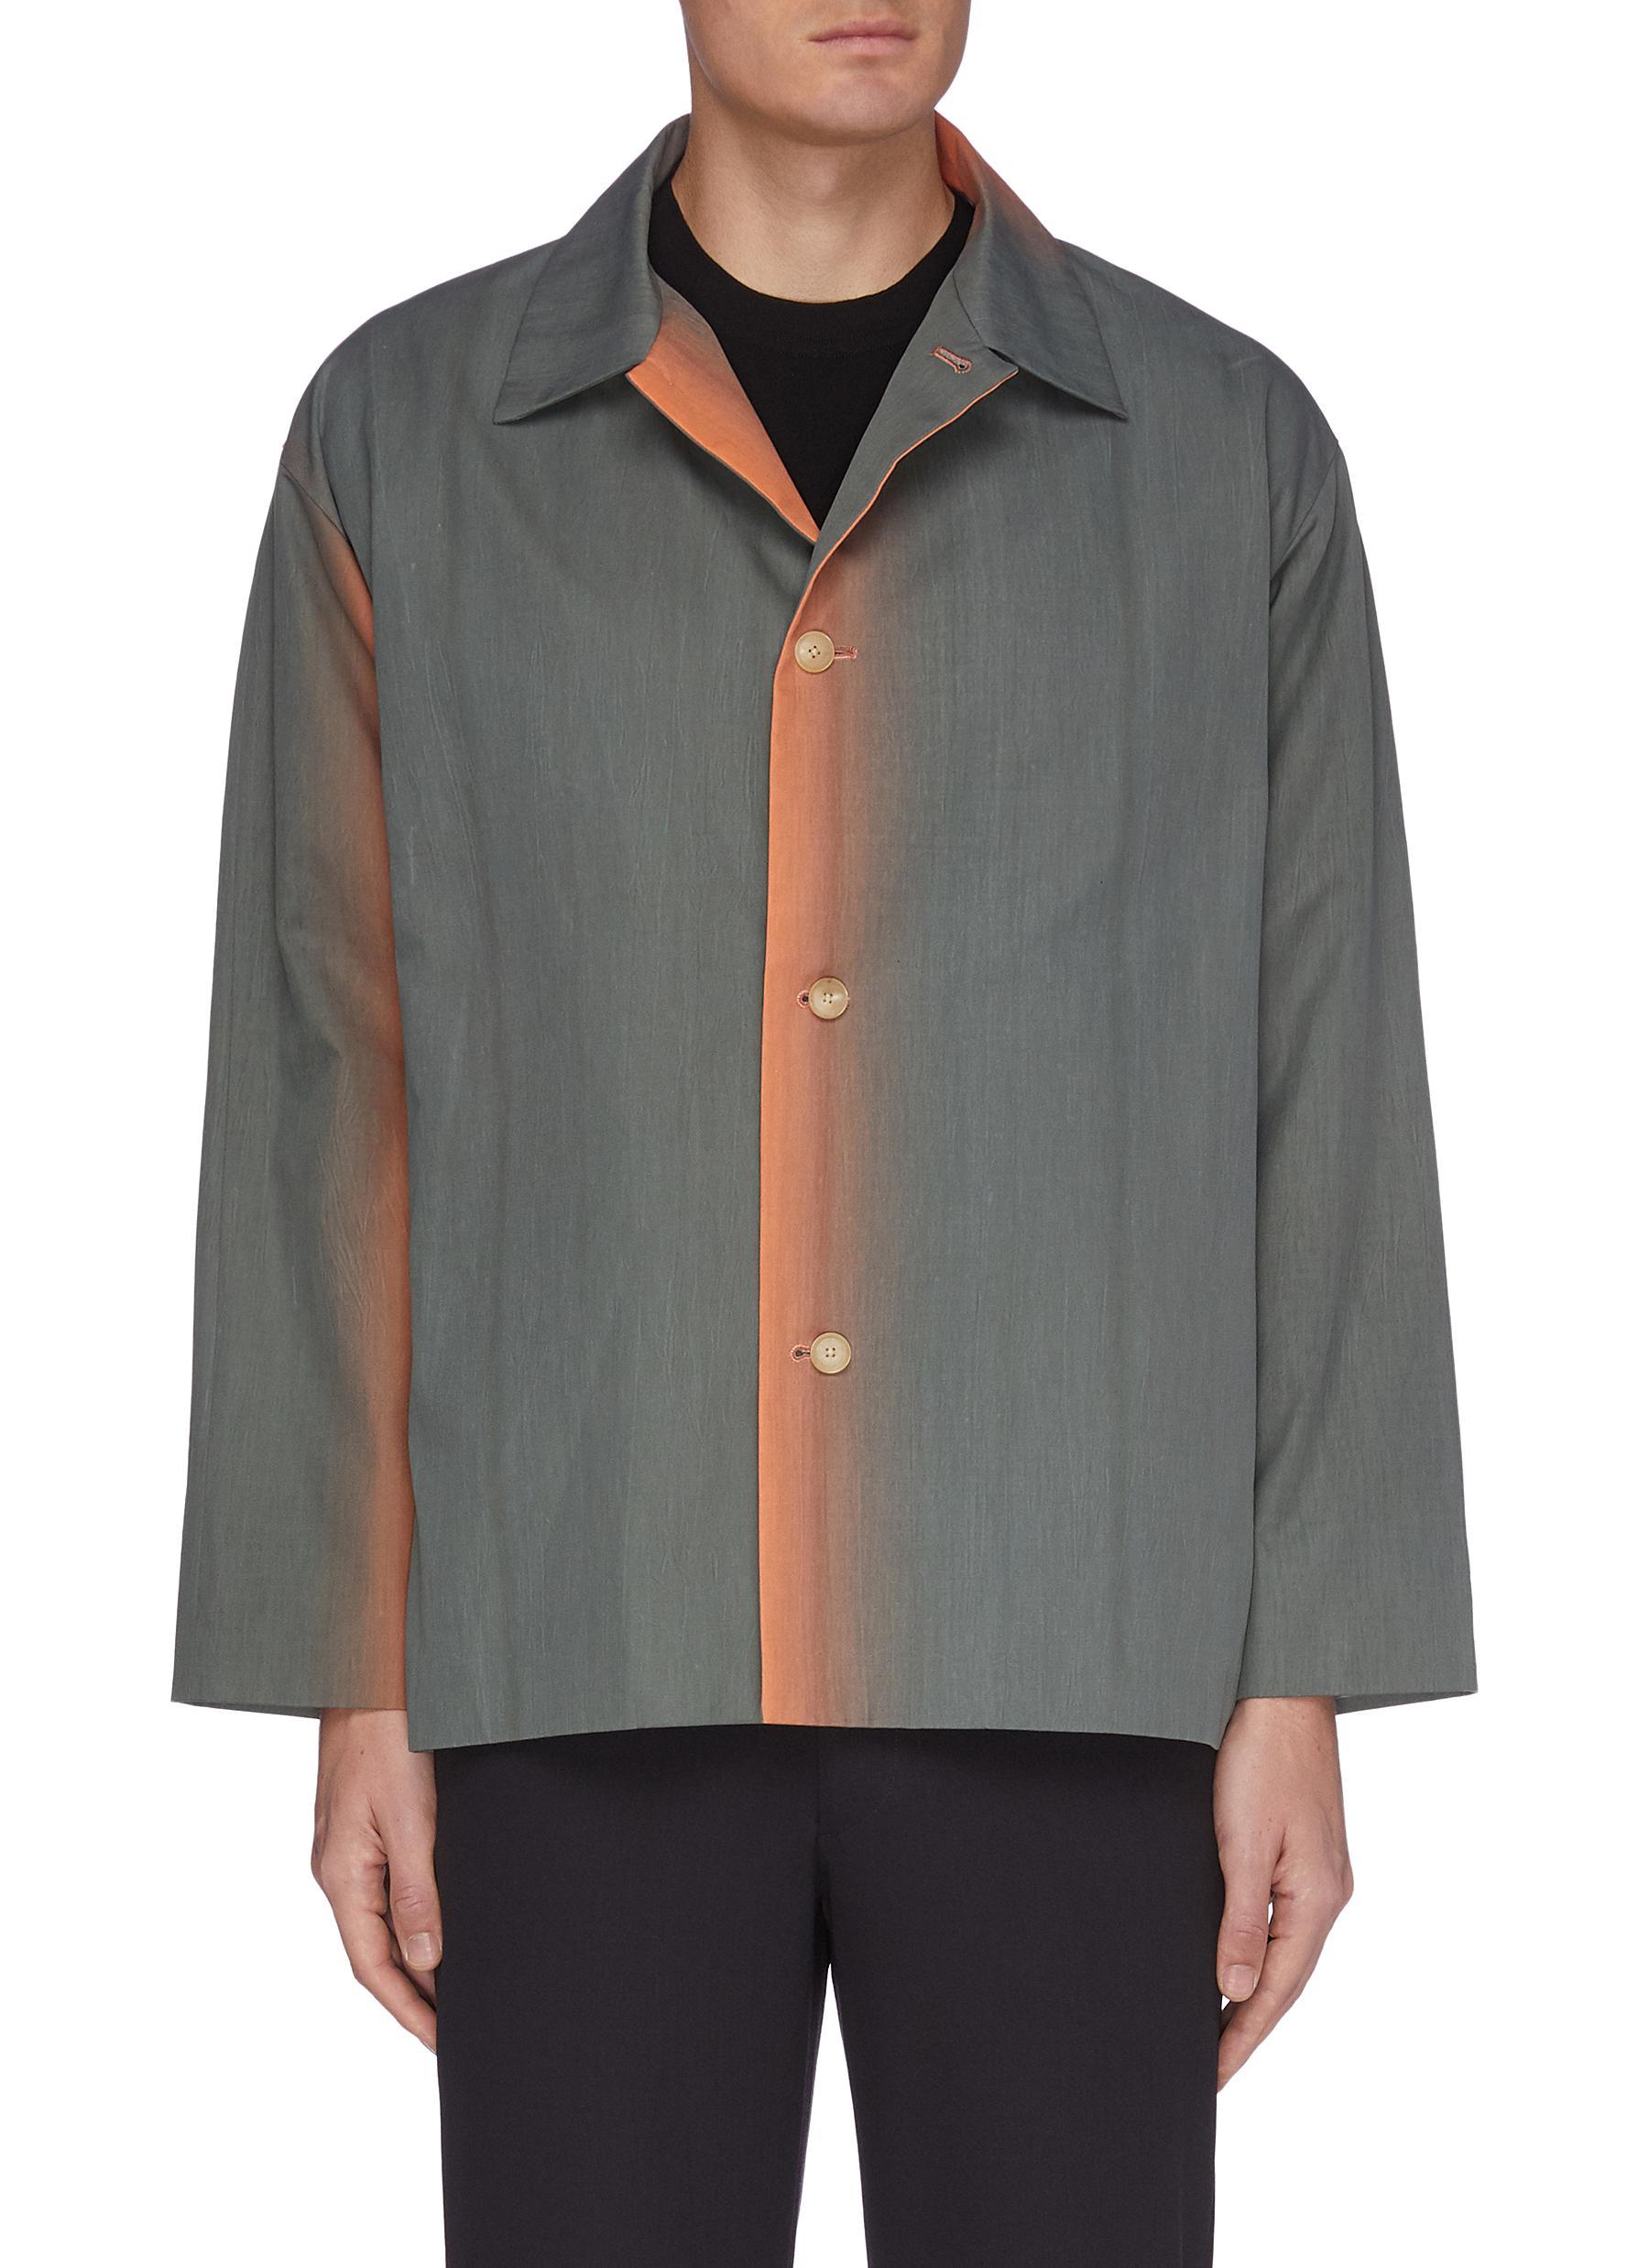 Auralee 'Finx' gradient dyed shirt jacket